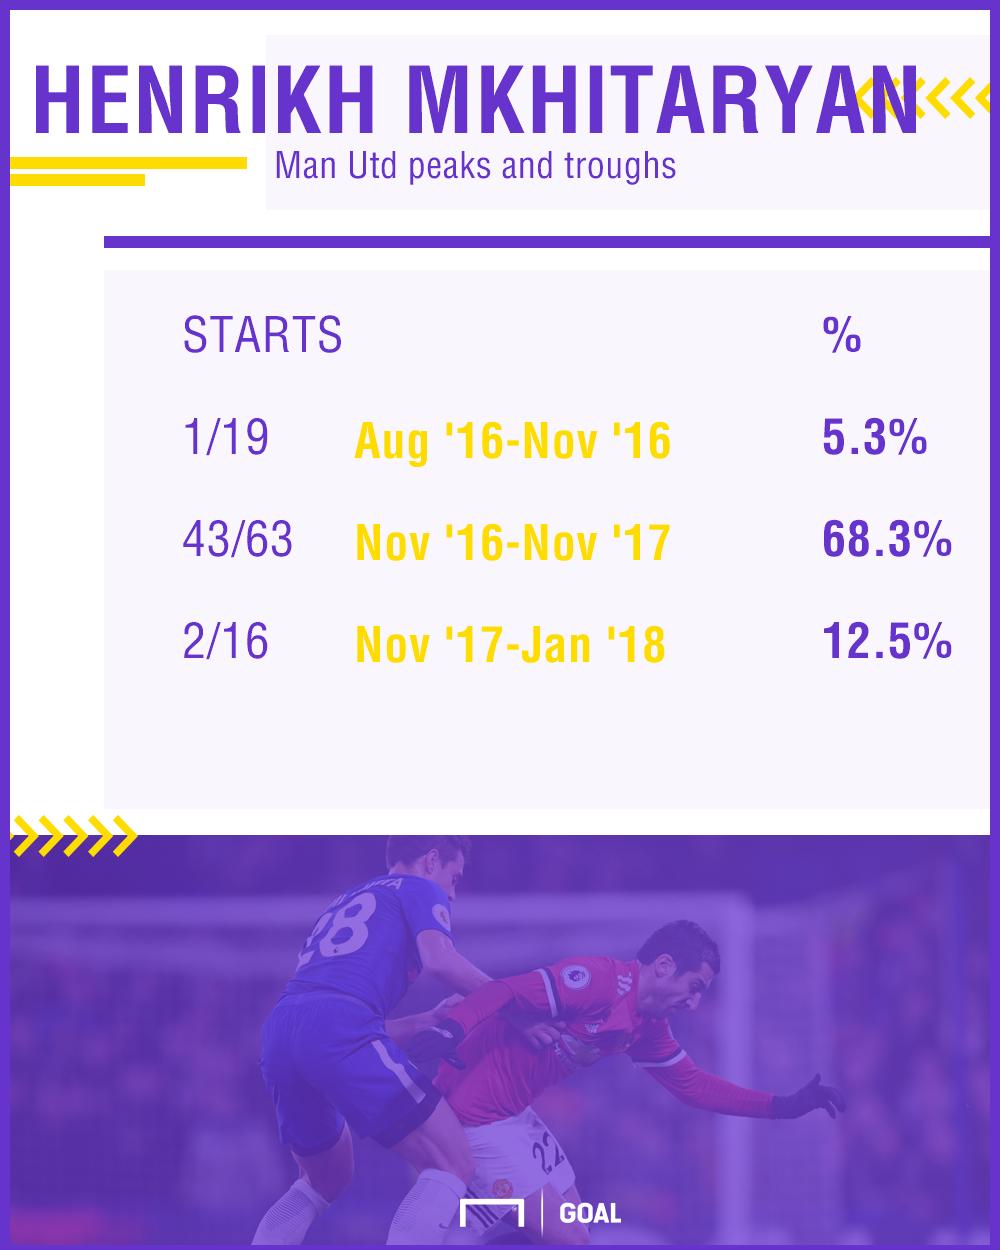 Henrikh Mkhitaryan Man Utd stats